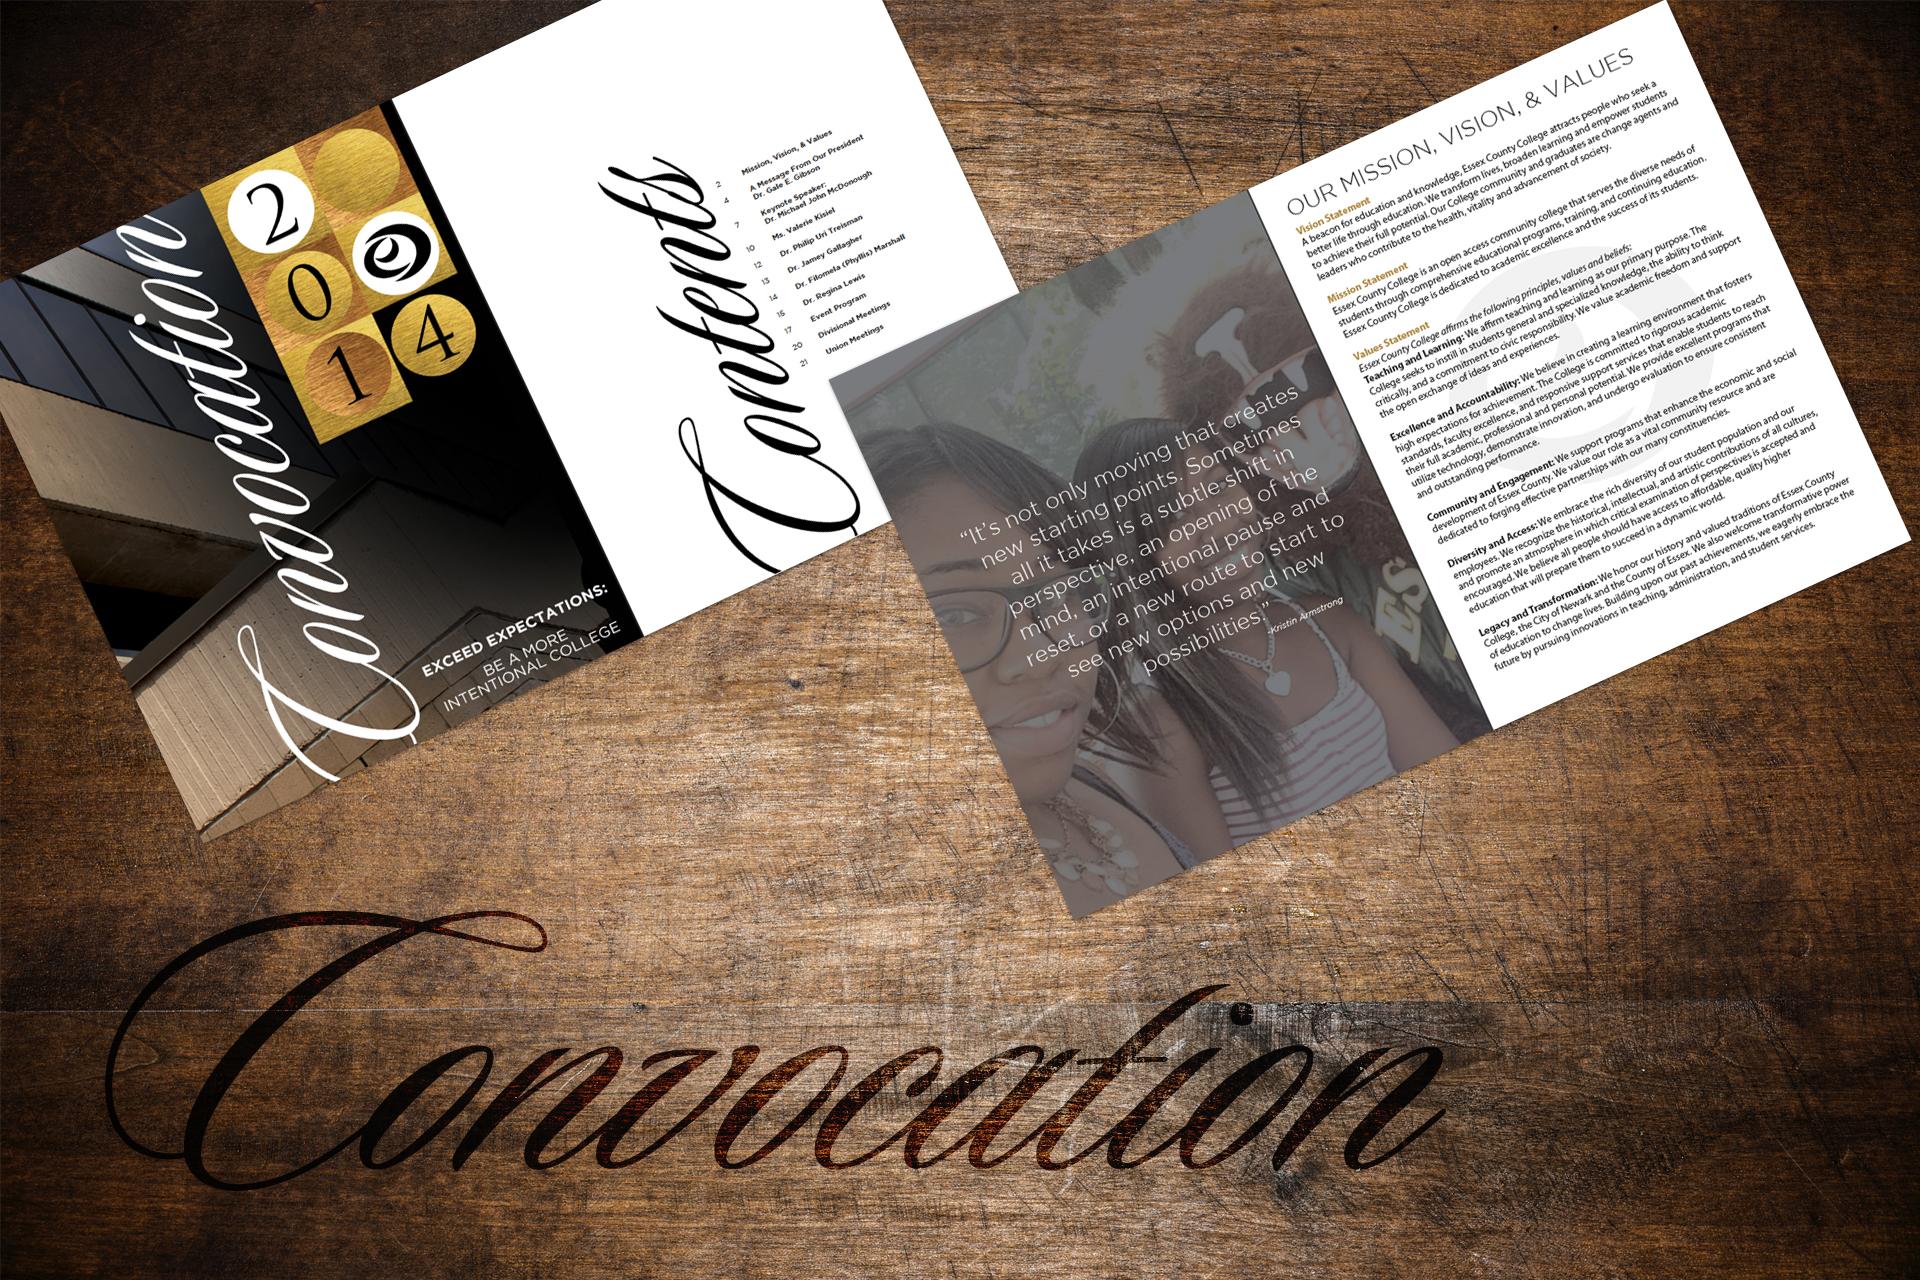 Convocation 2014 – Event Program